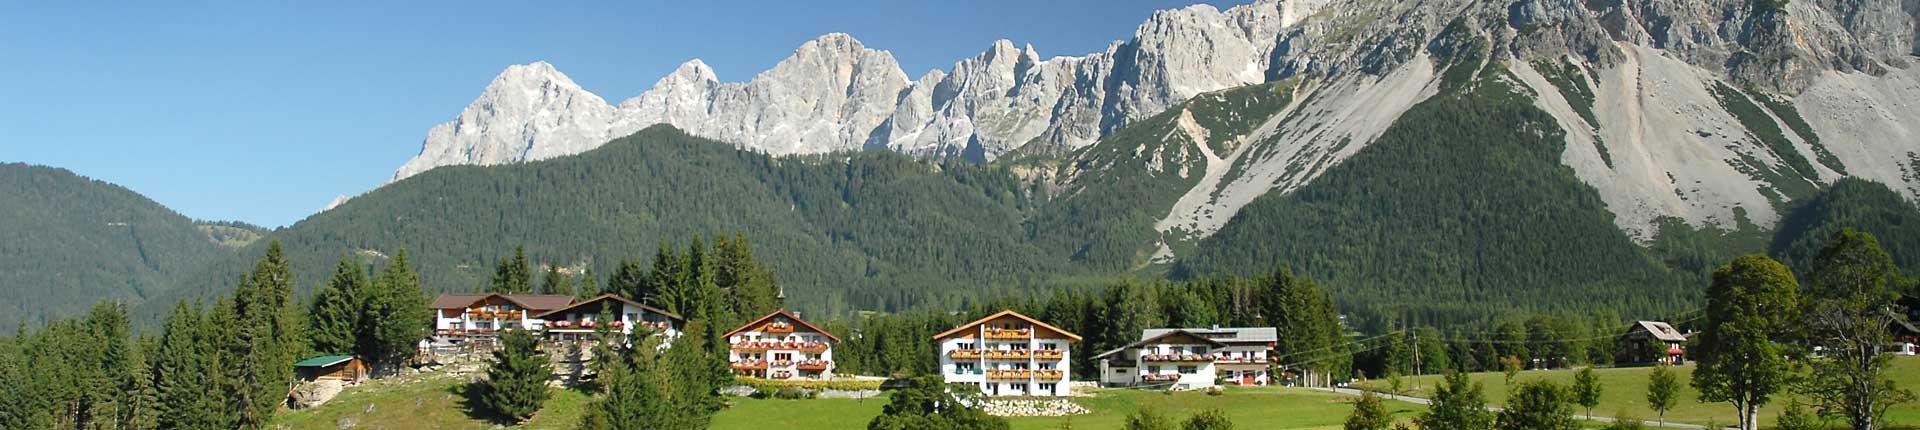 Sommeransicht Hotel Ramsaueralm und Aparthotel Sunrise in Ramsau am Dachstein